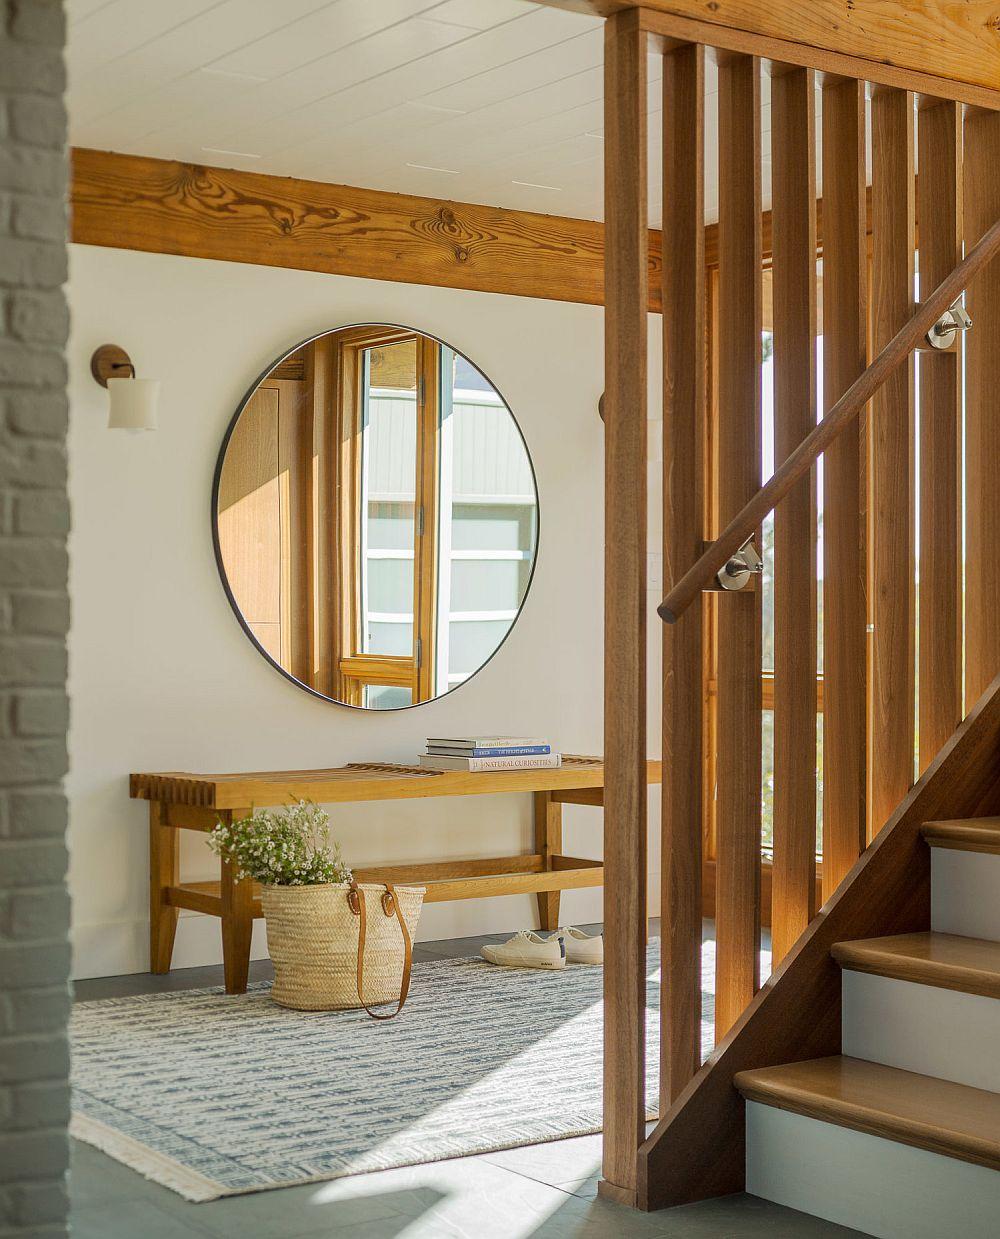 Zona de hol de intrare unde se poate observa și soluția pentru balustrada scării interioare - una simplă, dar de feect.